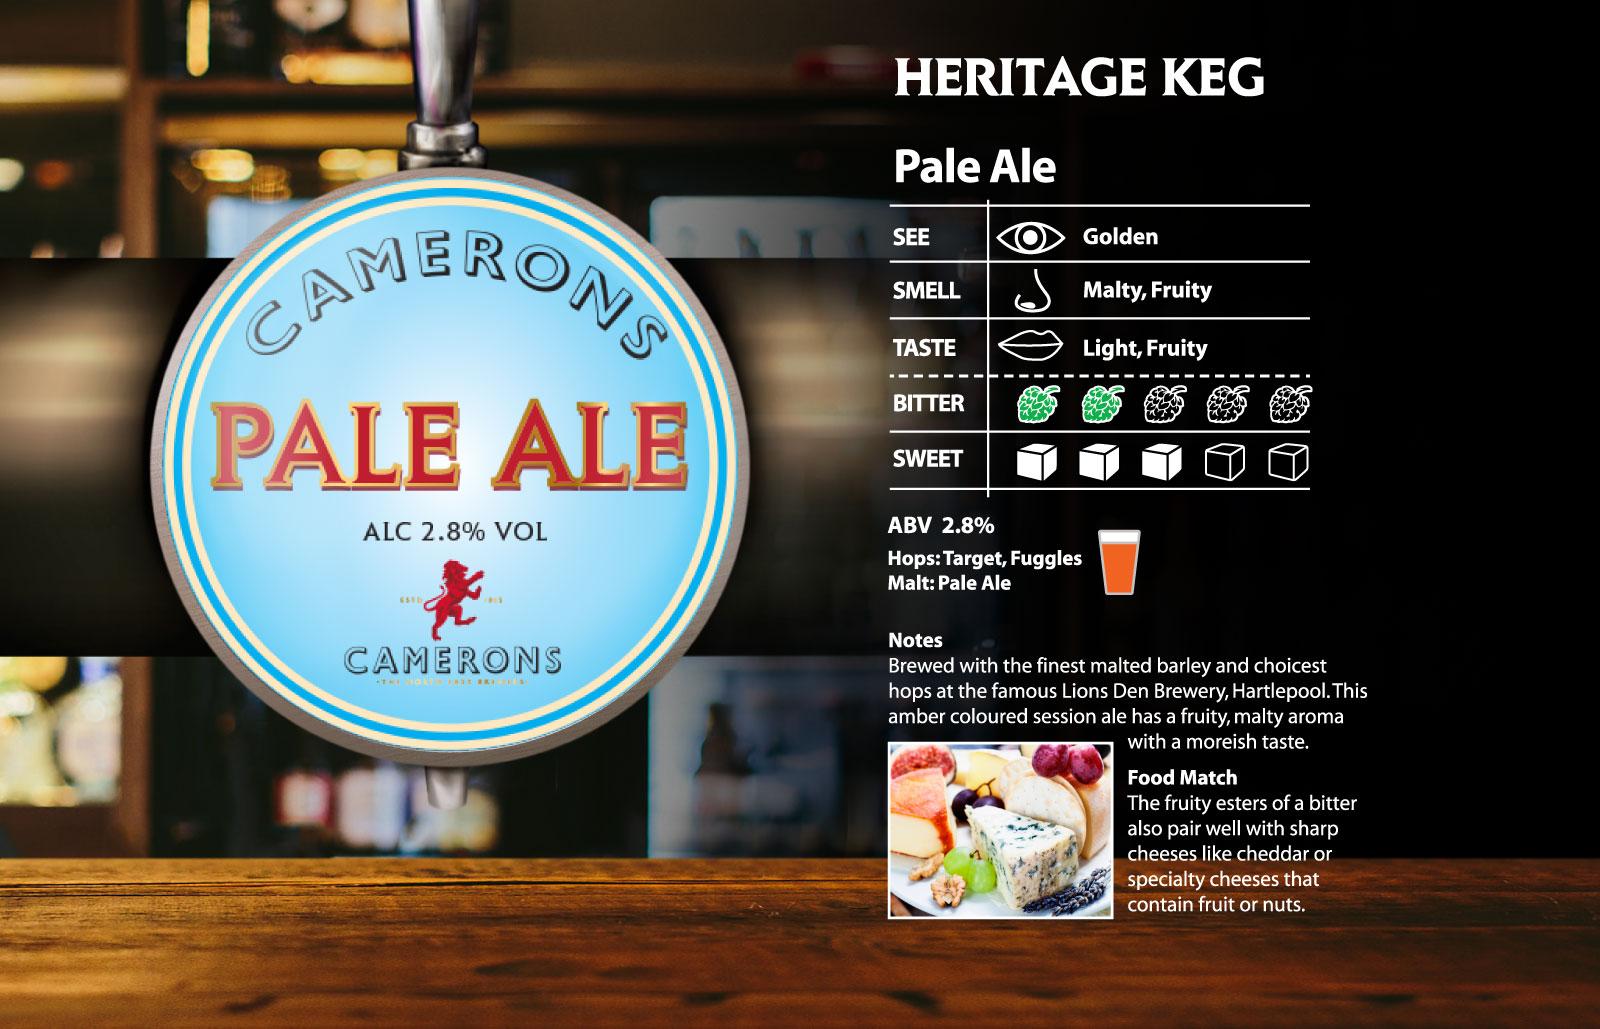 Camerons Pale Ale Heritage Keg